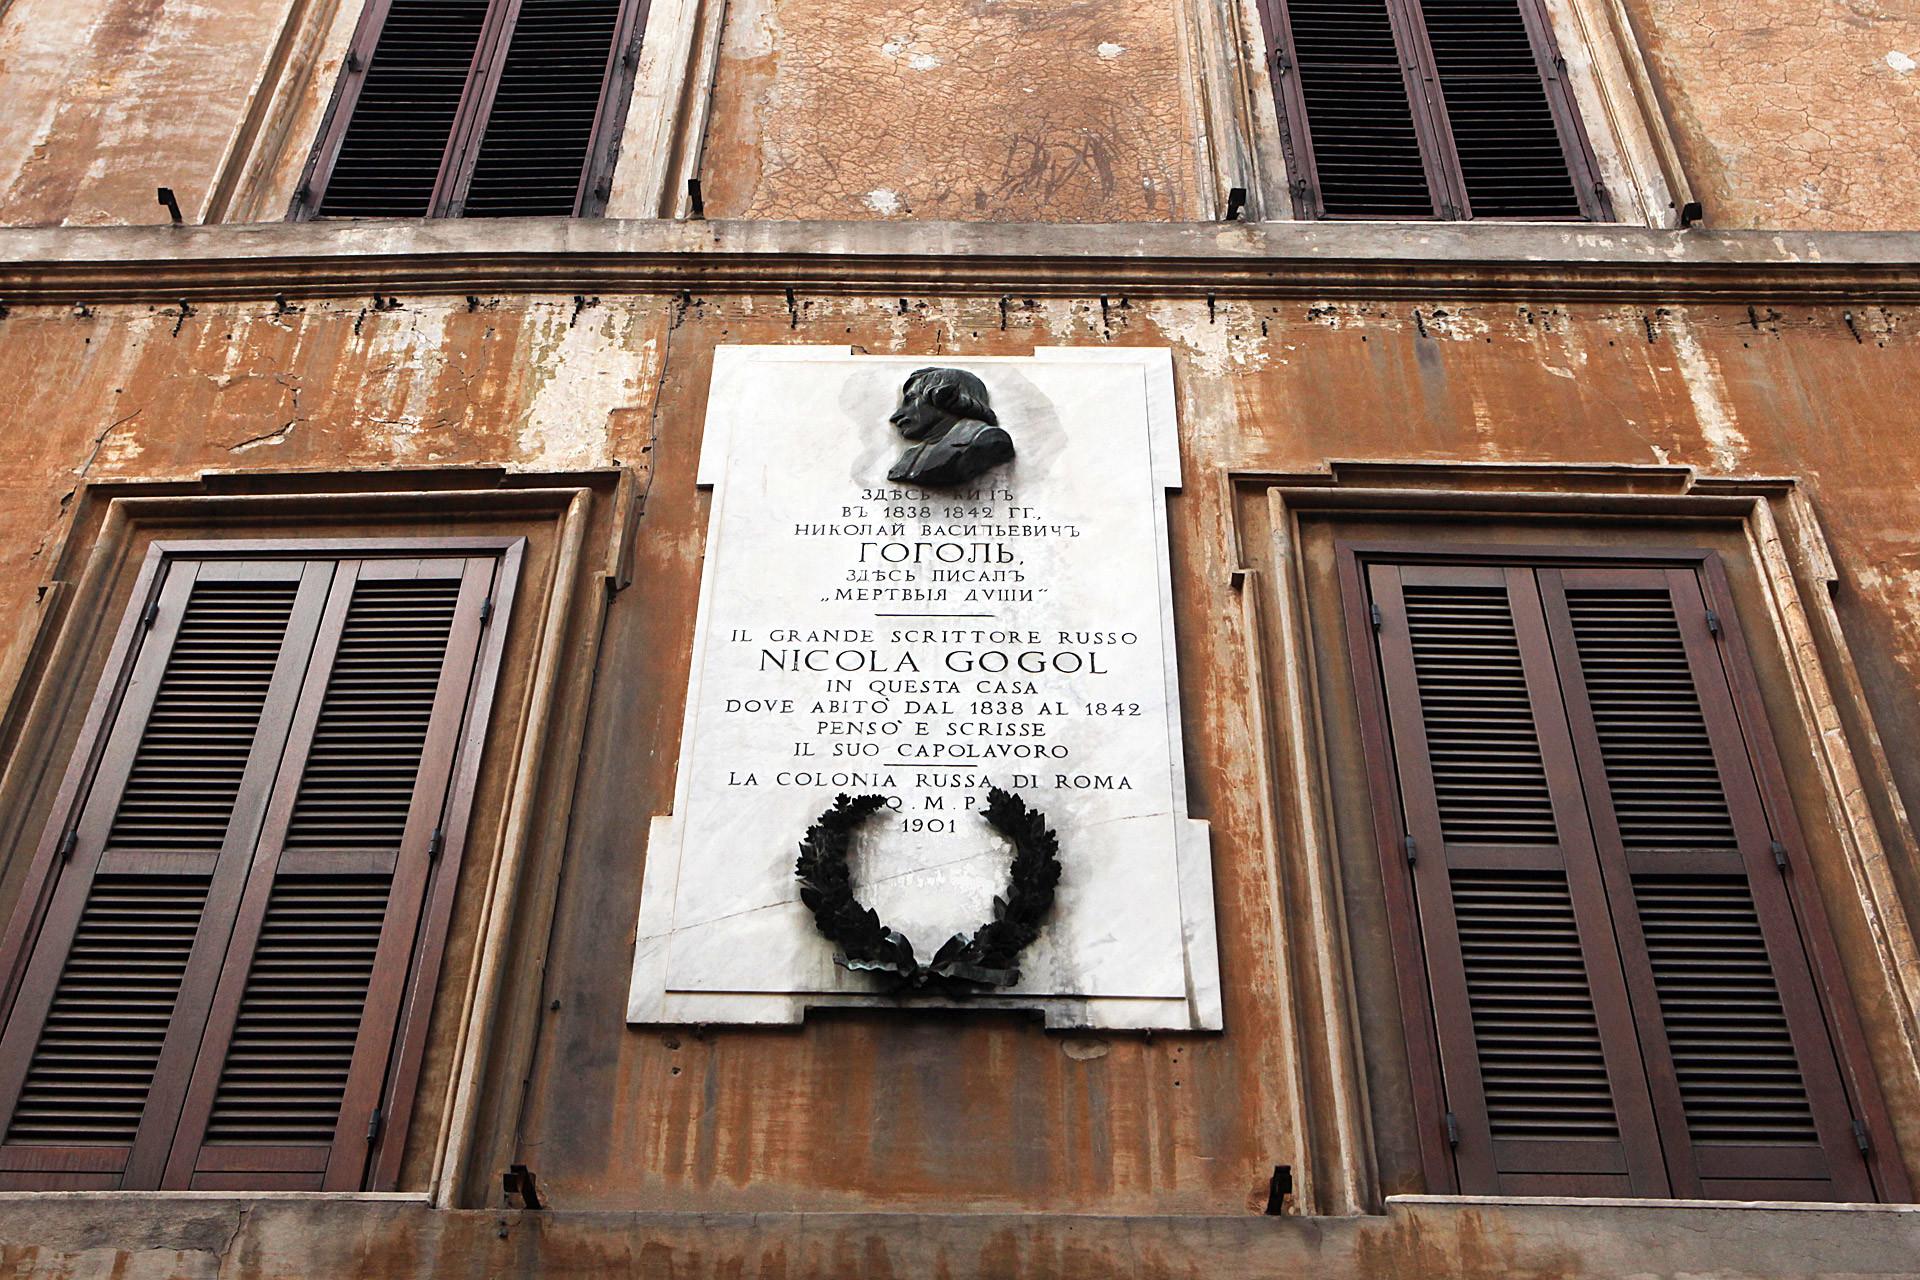 ニコライ・ゴーゴリの記念銘板、システィーナ通り、ローマ。ローマでは、『死せる魂』と『外套』を書き、『検察官』と『タラス・ブーリバ』を完成した。